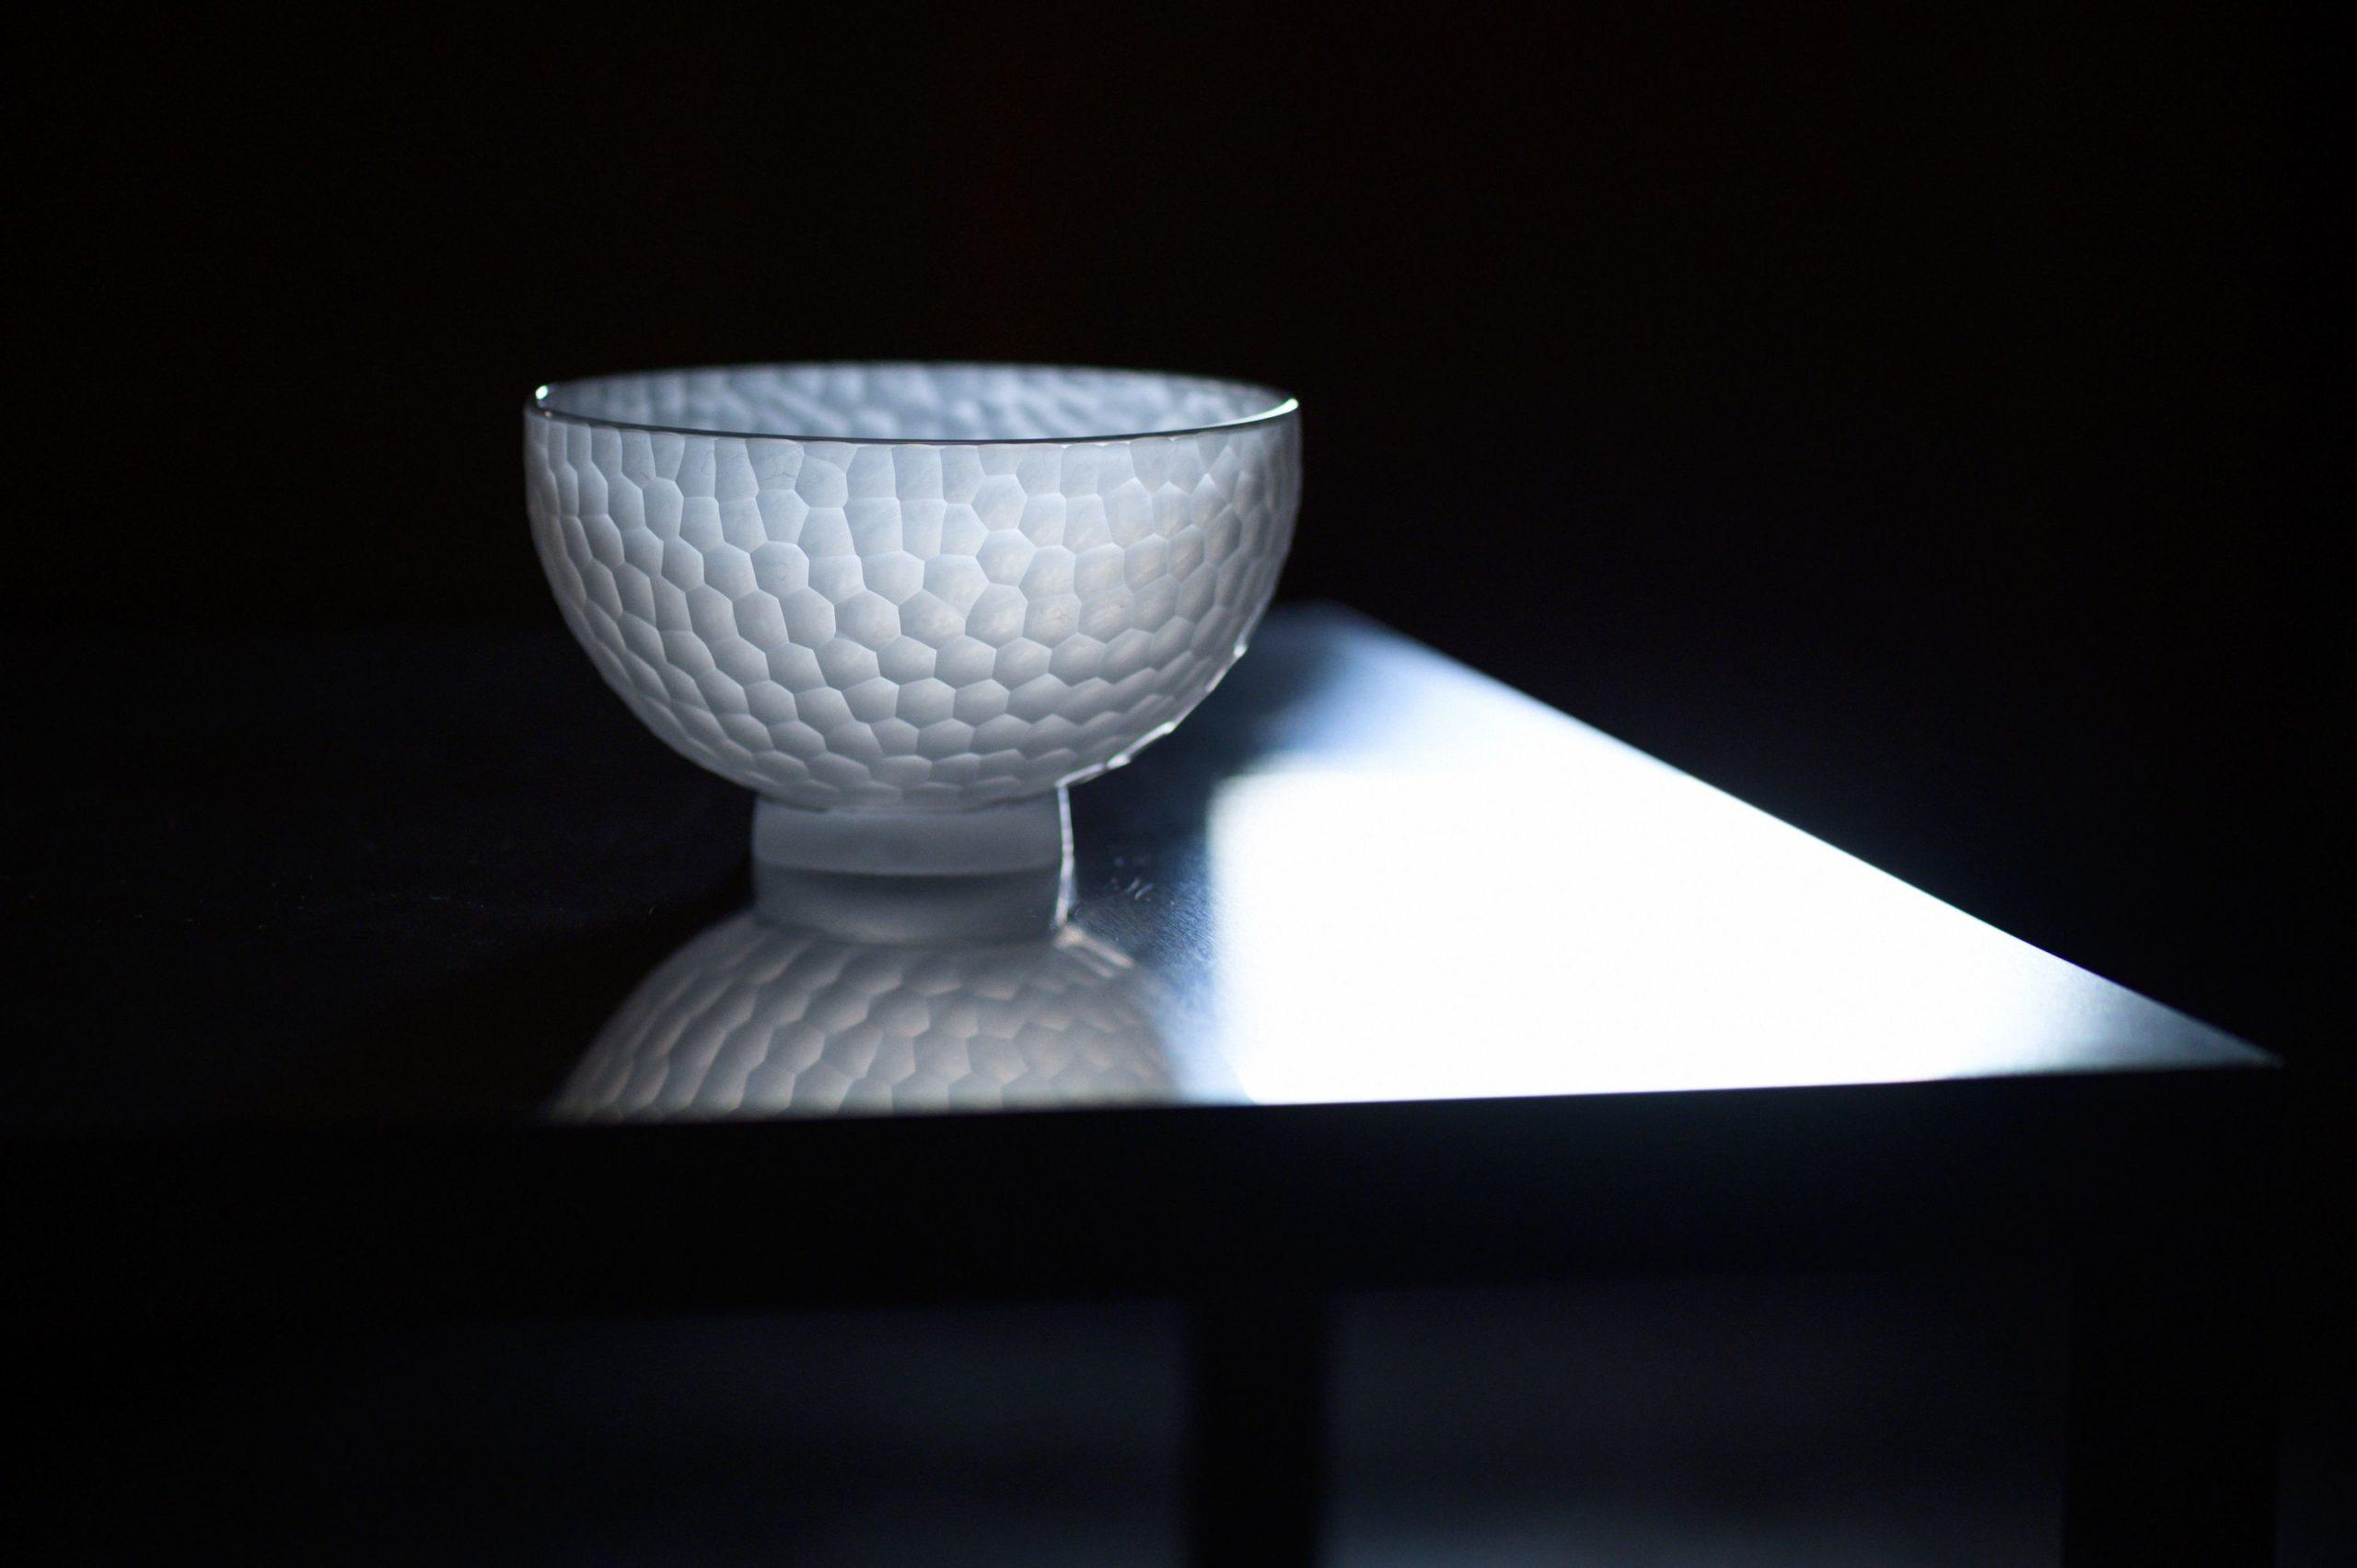 削紋碗|BIOME 展示イメージ